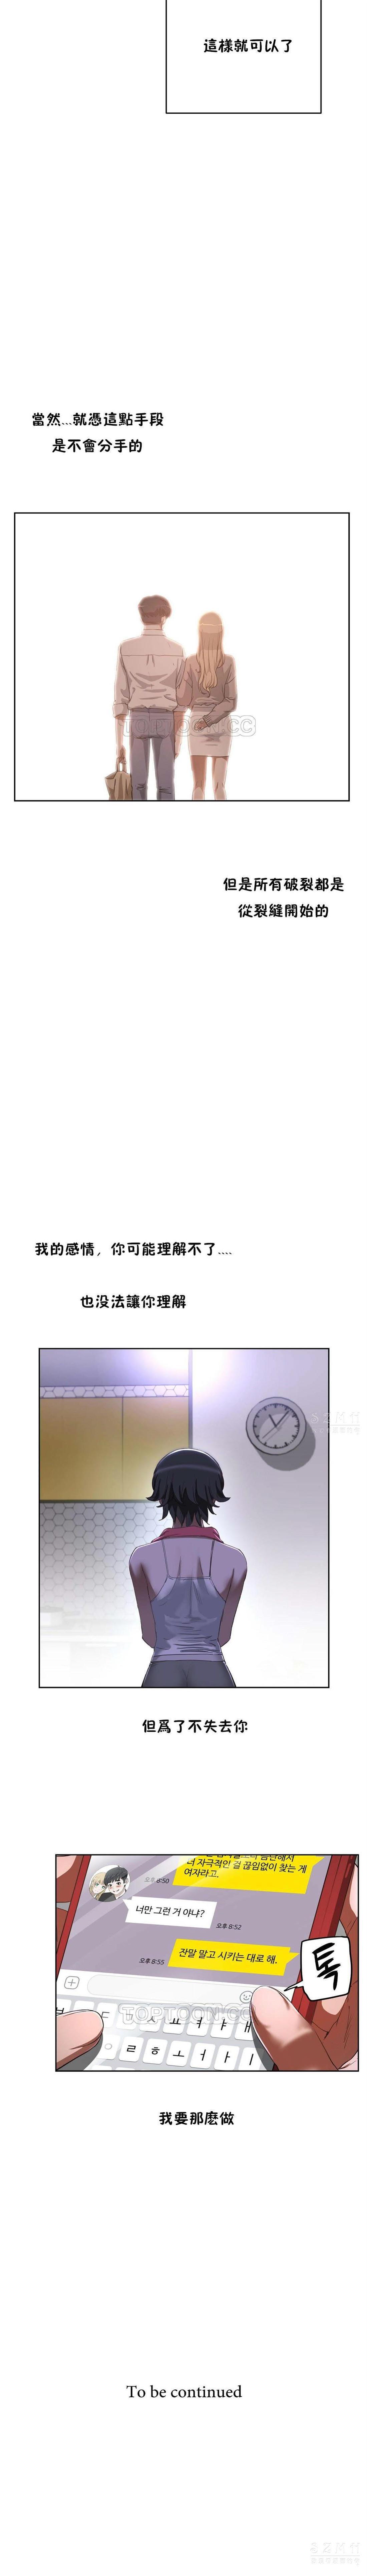 性教育 1-48.5 中文翻译(完結) 136